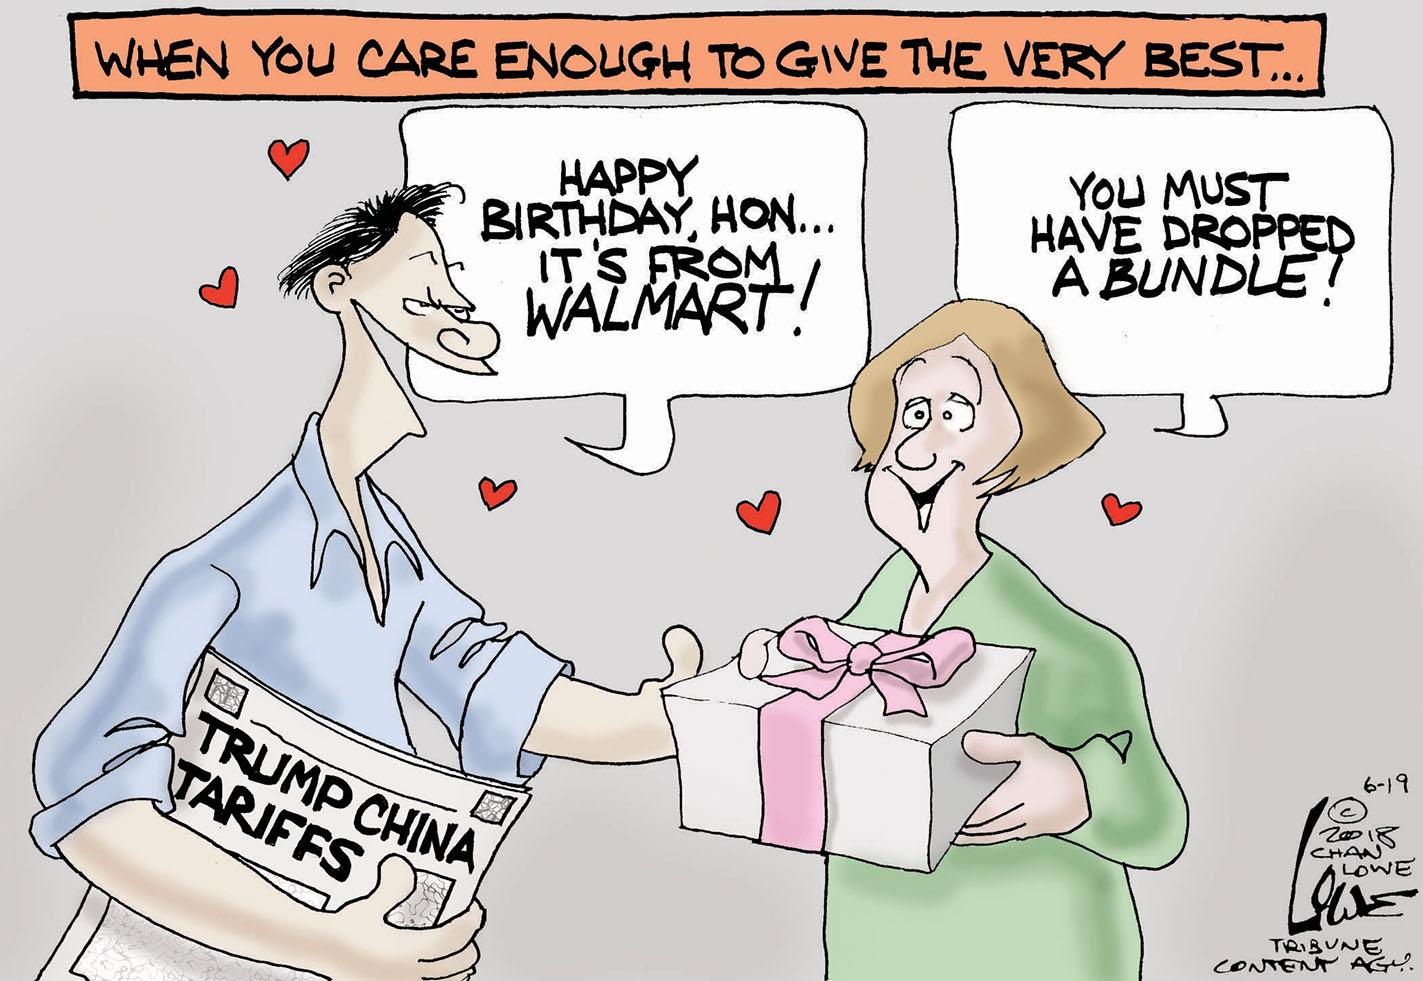 June 23: Happy Birthday